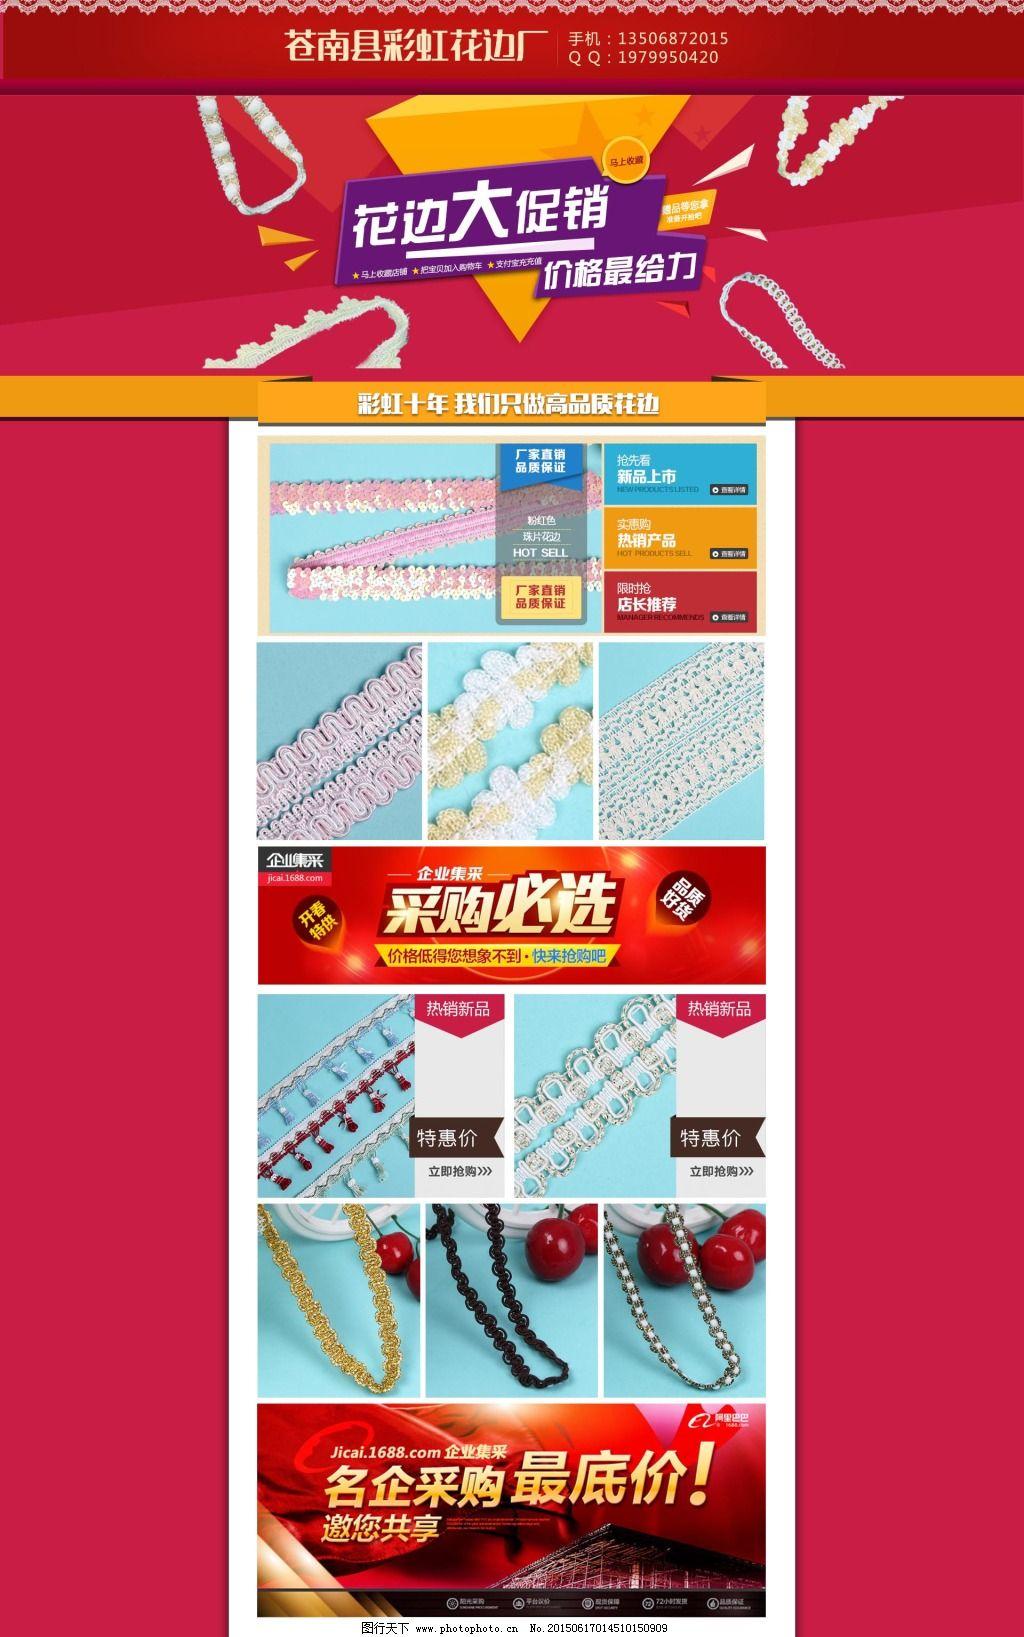 淘宝设计  红色阿里巴巴首页旺铺装修免费下载 psd分层素材 淘宝店招图片